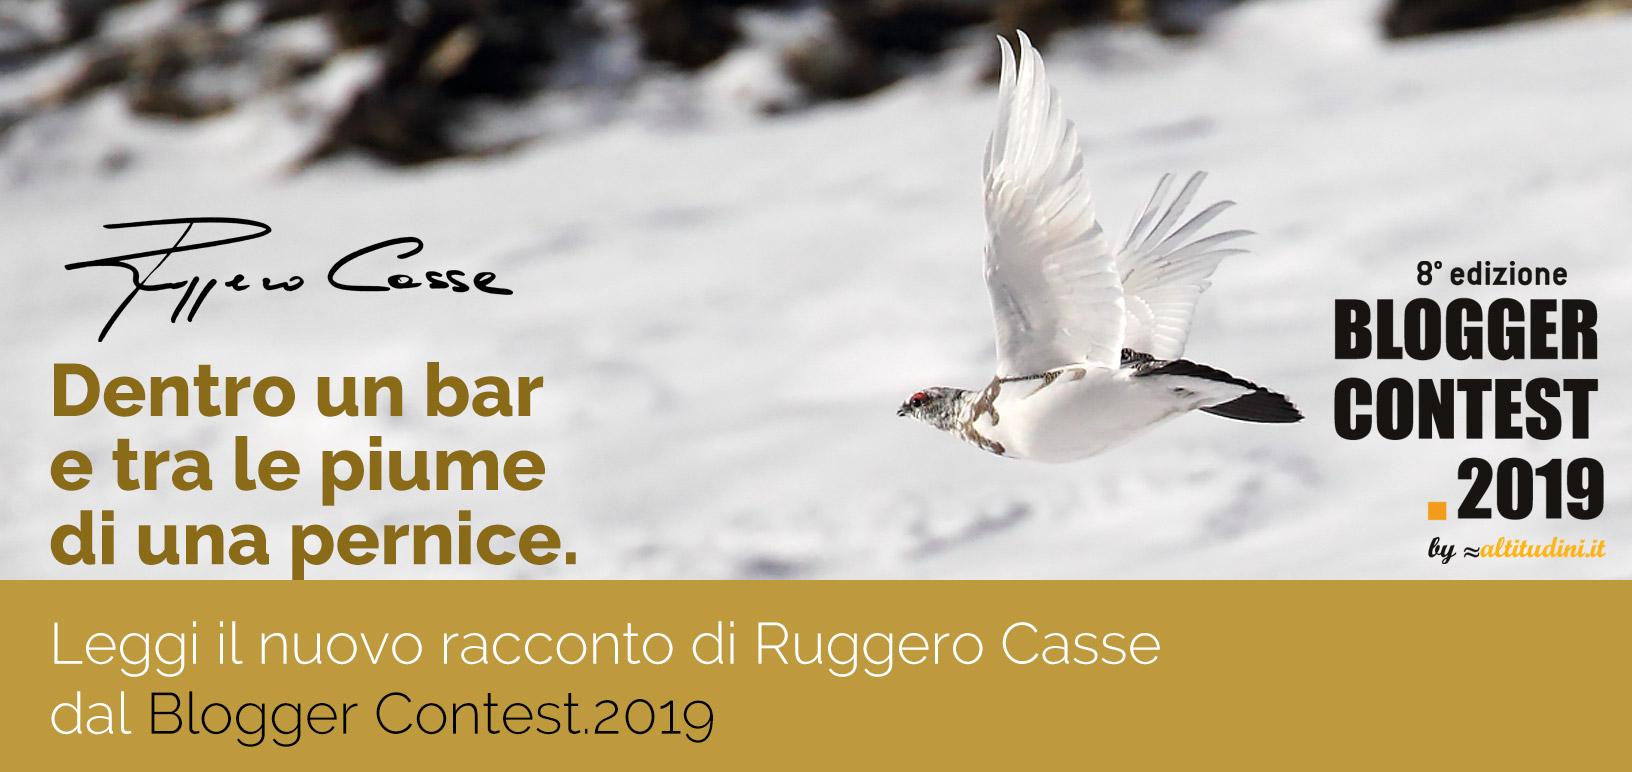 Leggi il nuovo racconto di Ruggero Casse